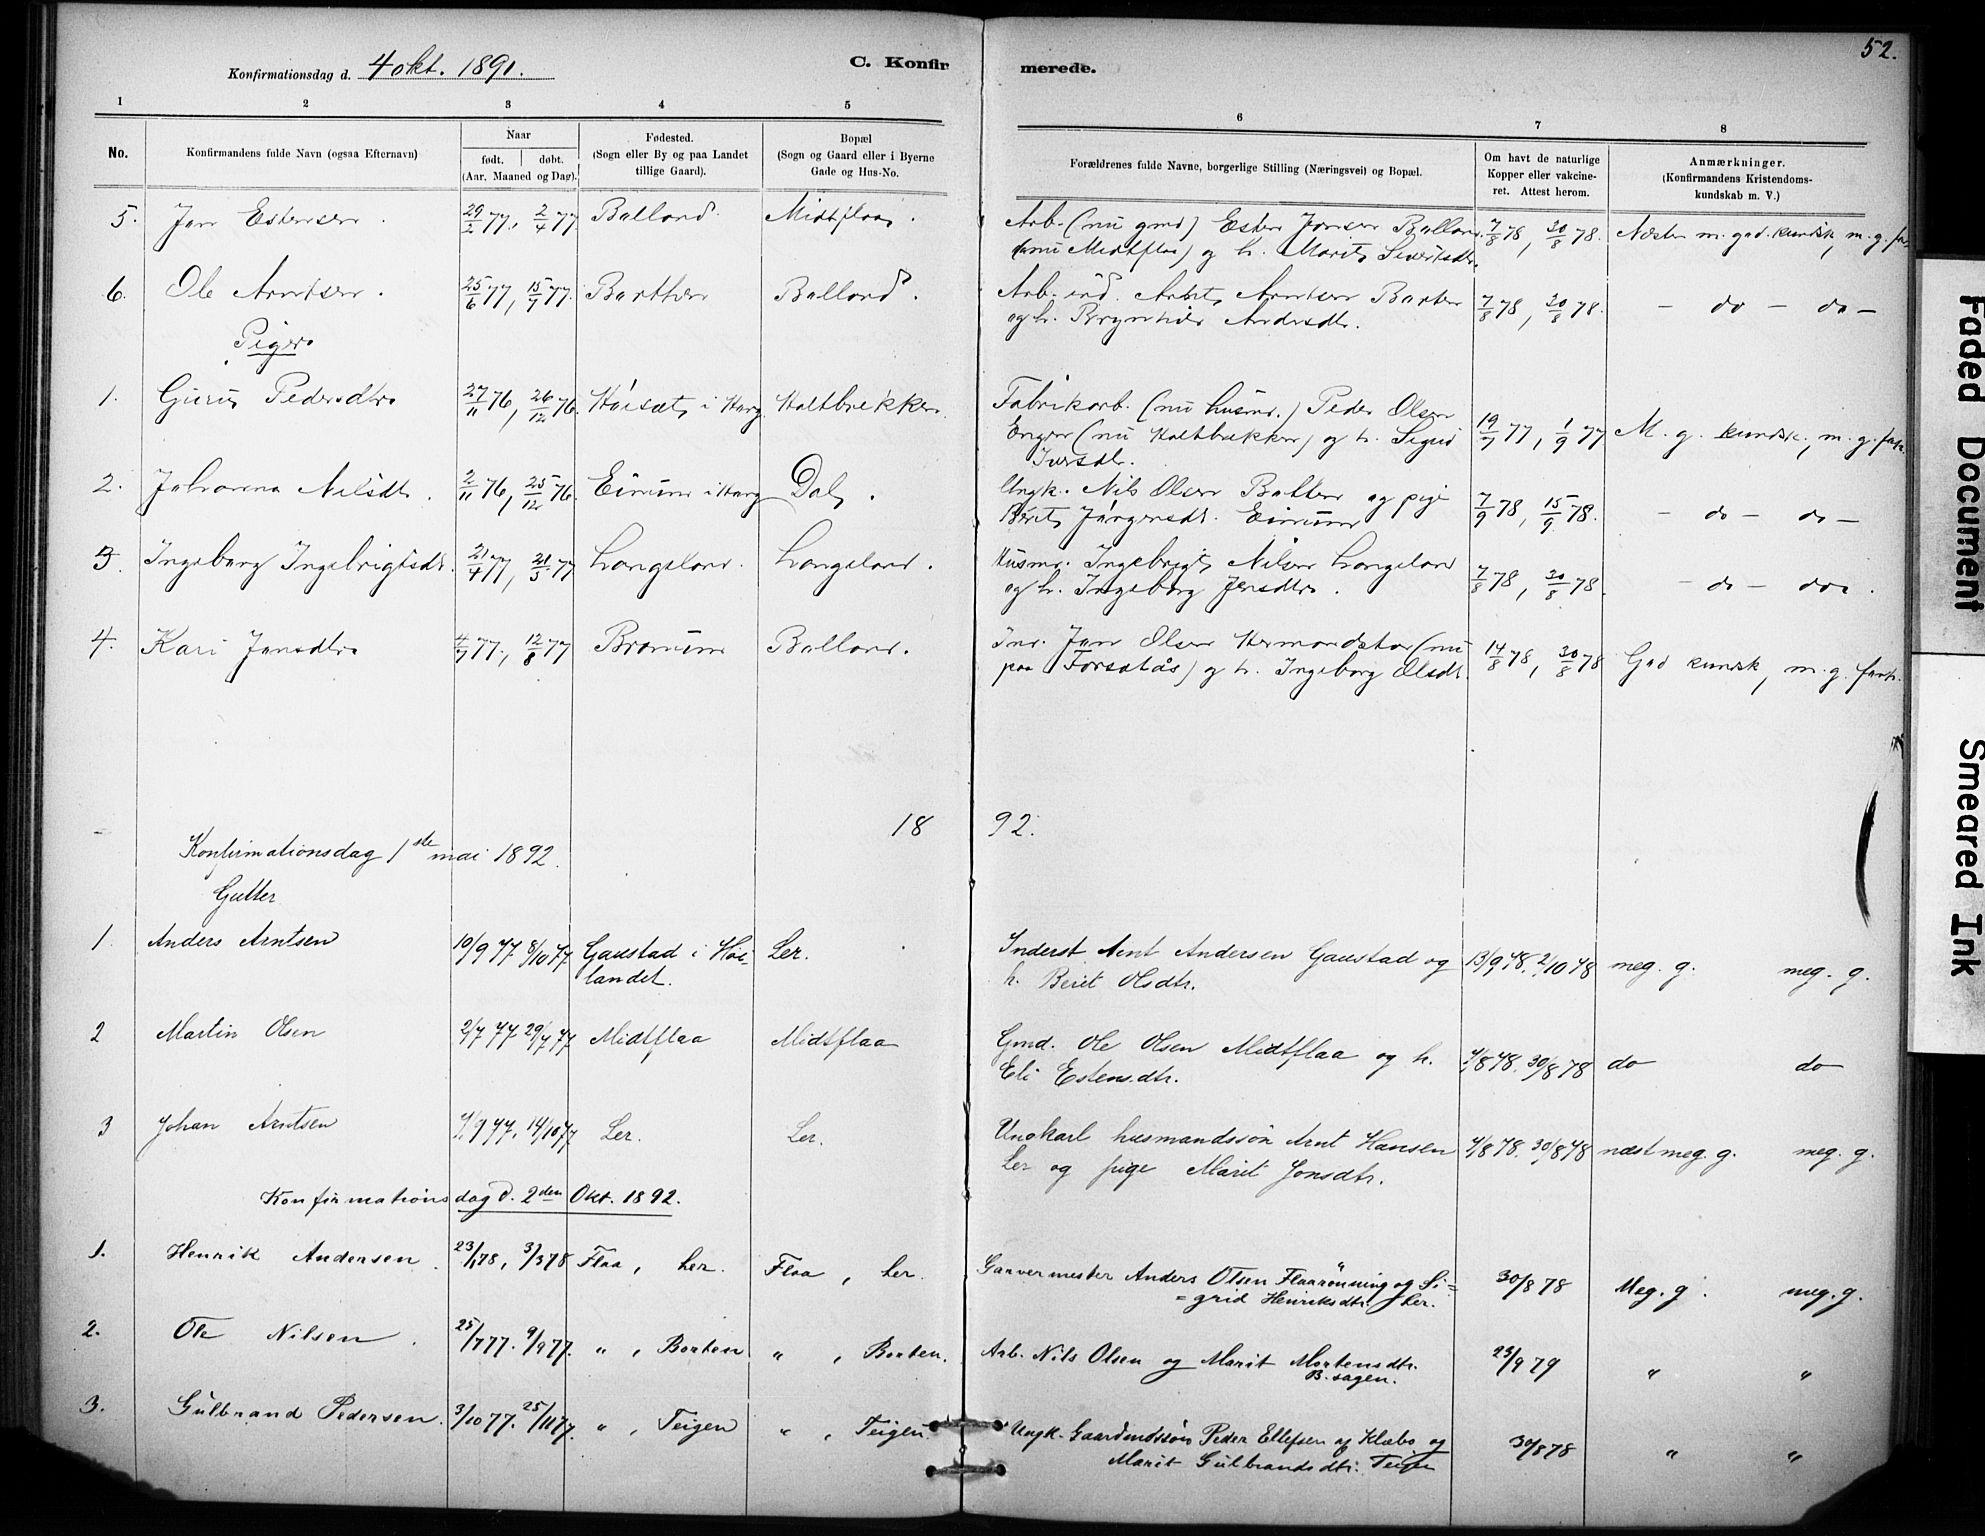 SAT, Ministerialprotokoller, klokkerbøker og fødselsregistre - Sør-Trøndelag, 693/L1119: Ministerialbok nr. 693A01, 1887-1905, s. 52